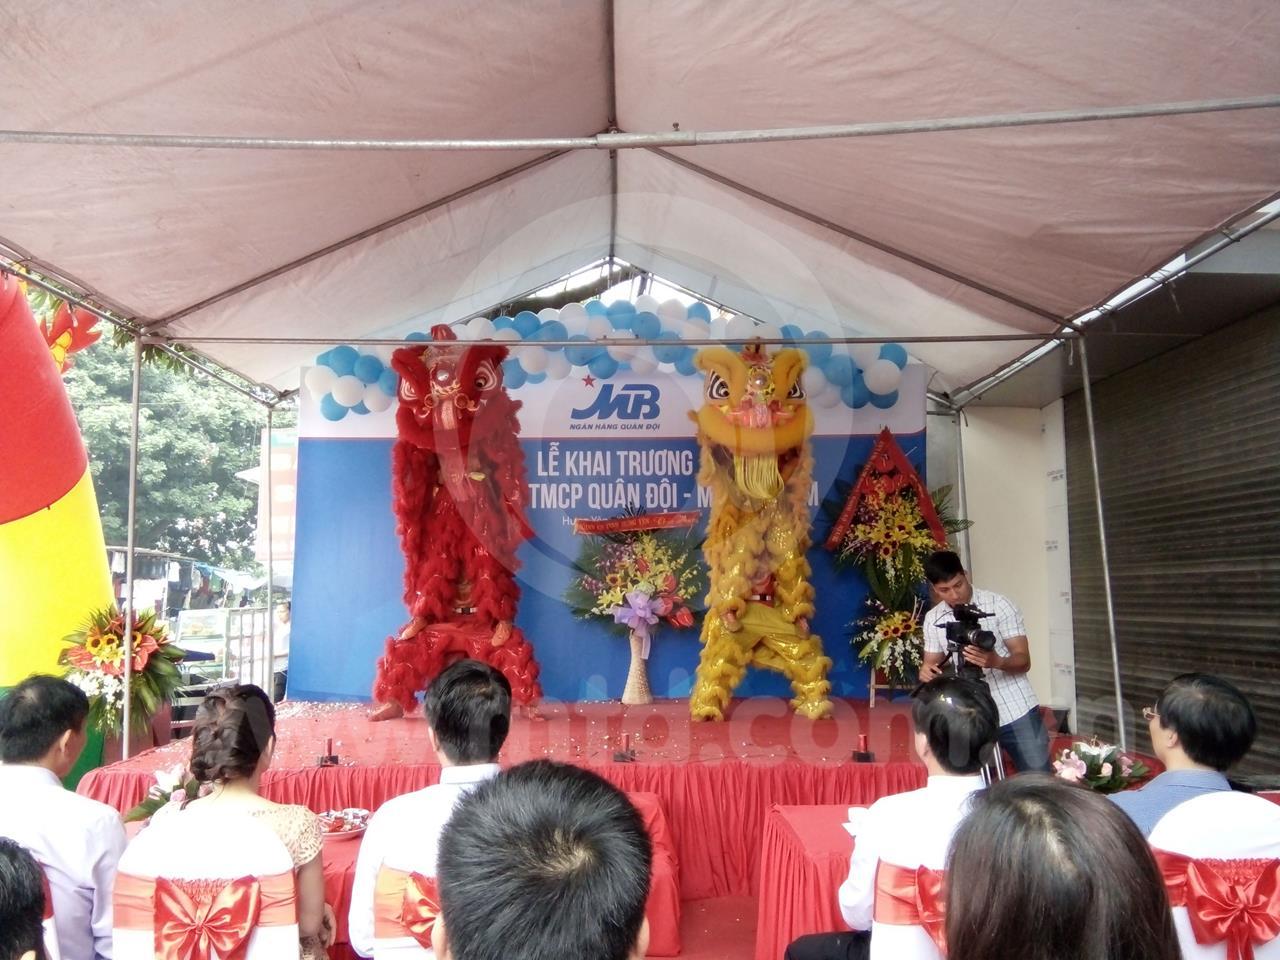 khai-truong-ngan-hang-tmcp-quan-doi-mb-van-lam-15